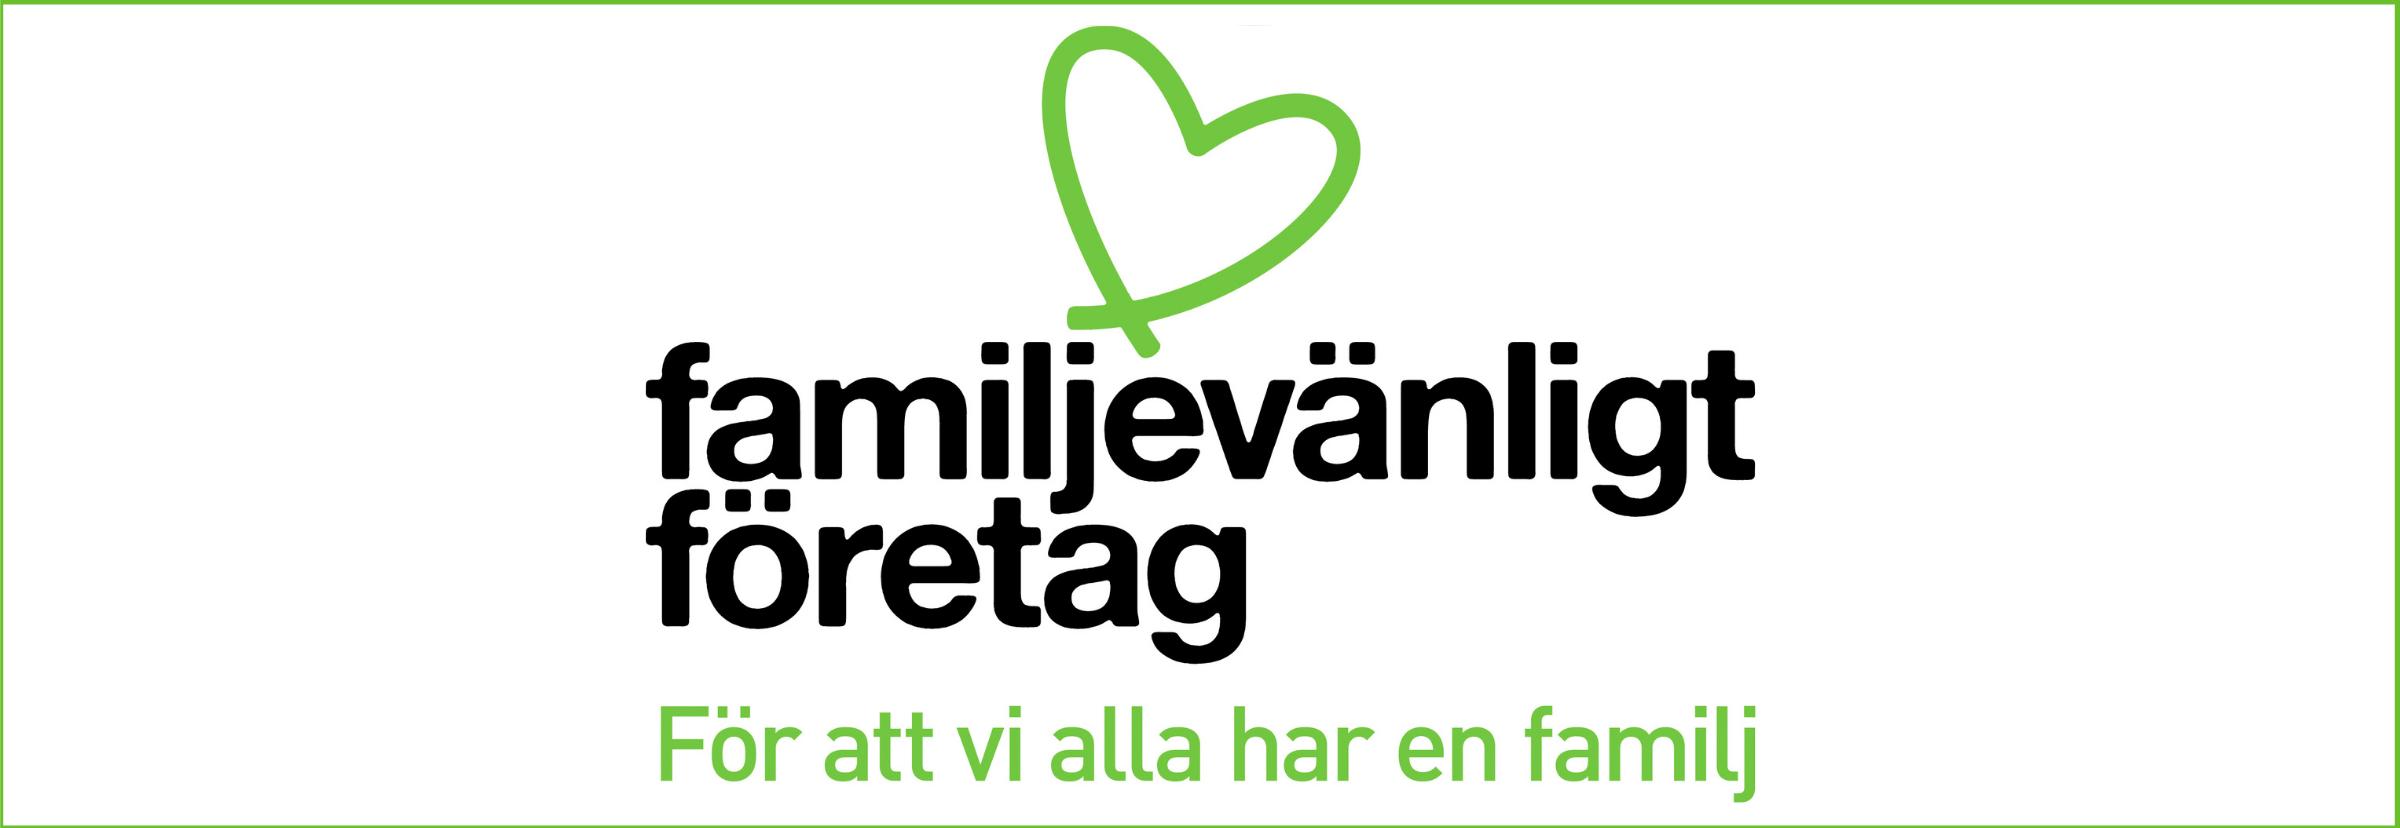 familjevänlight företag -banneri